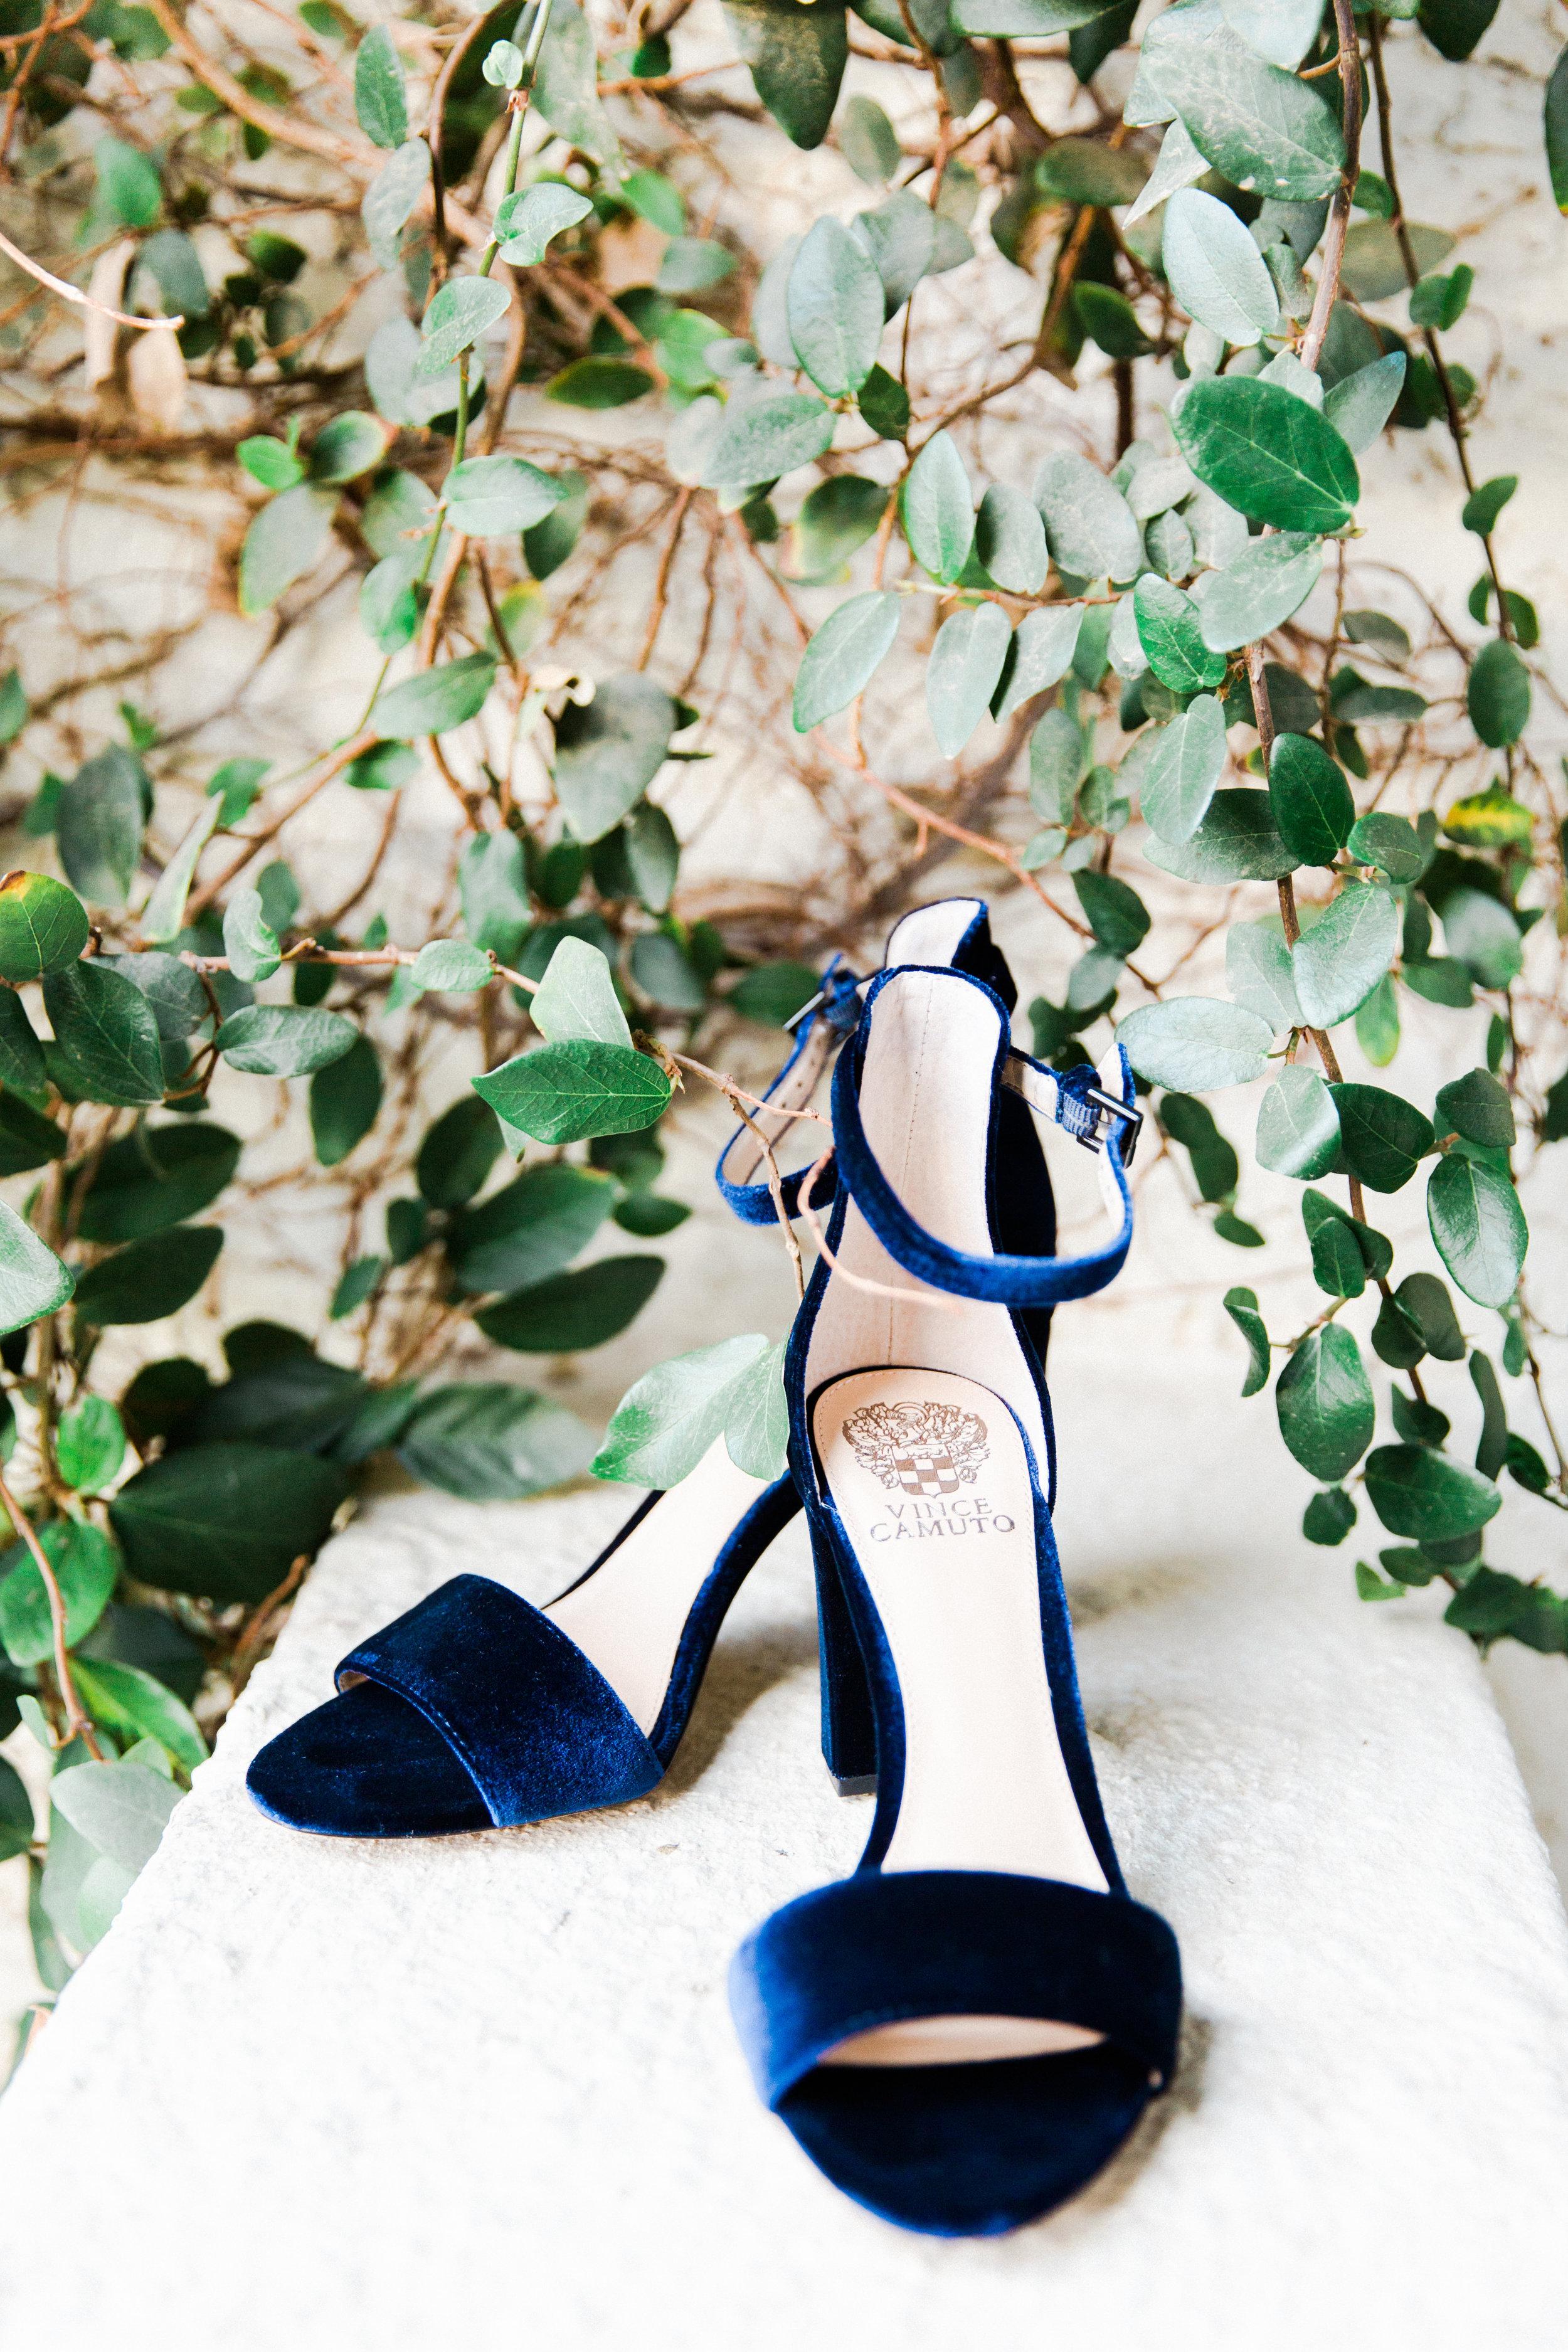 Tuyet_and_Ben-Secret_Garden_Wedding-Andrew_and_Ada_Photography-024.jpg